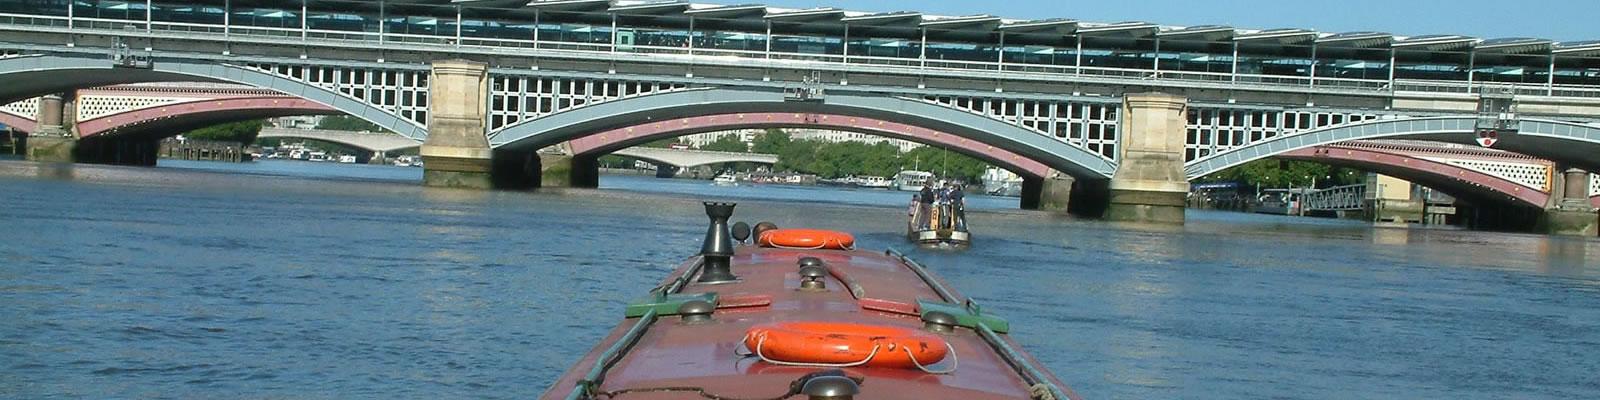 Hillingdon Narrowboats Booking